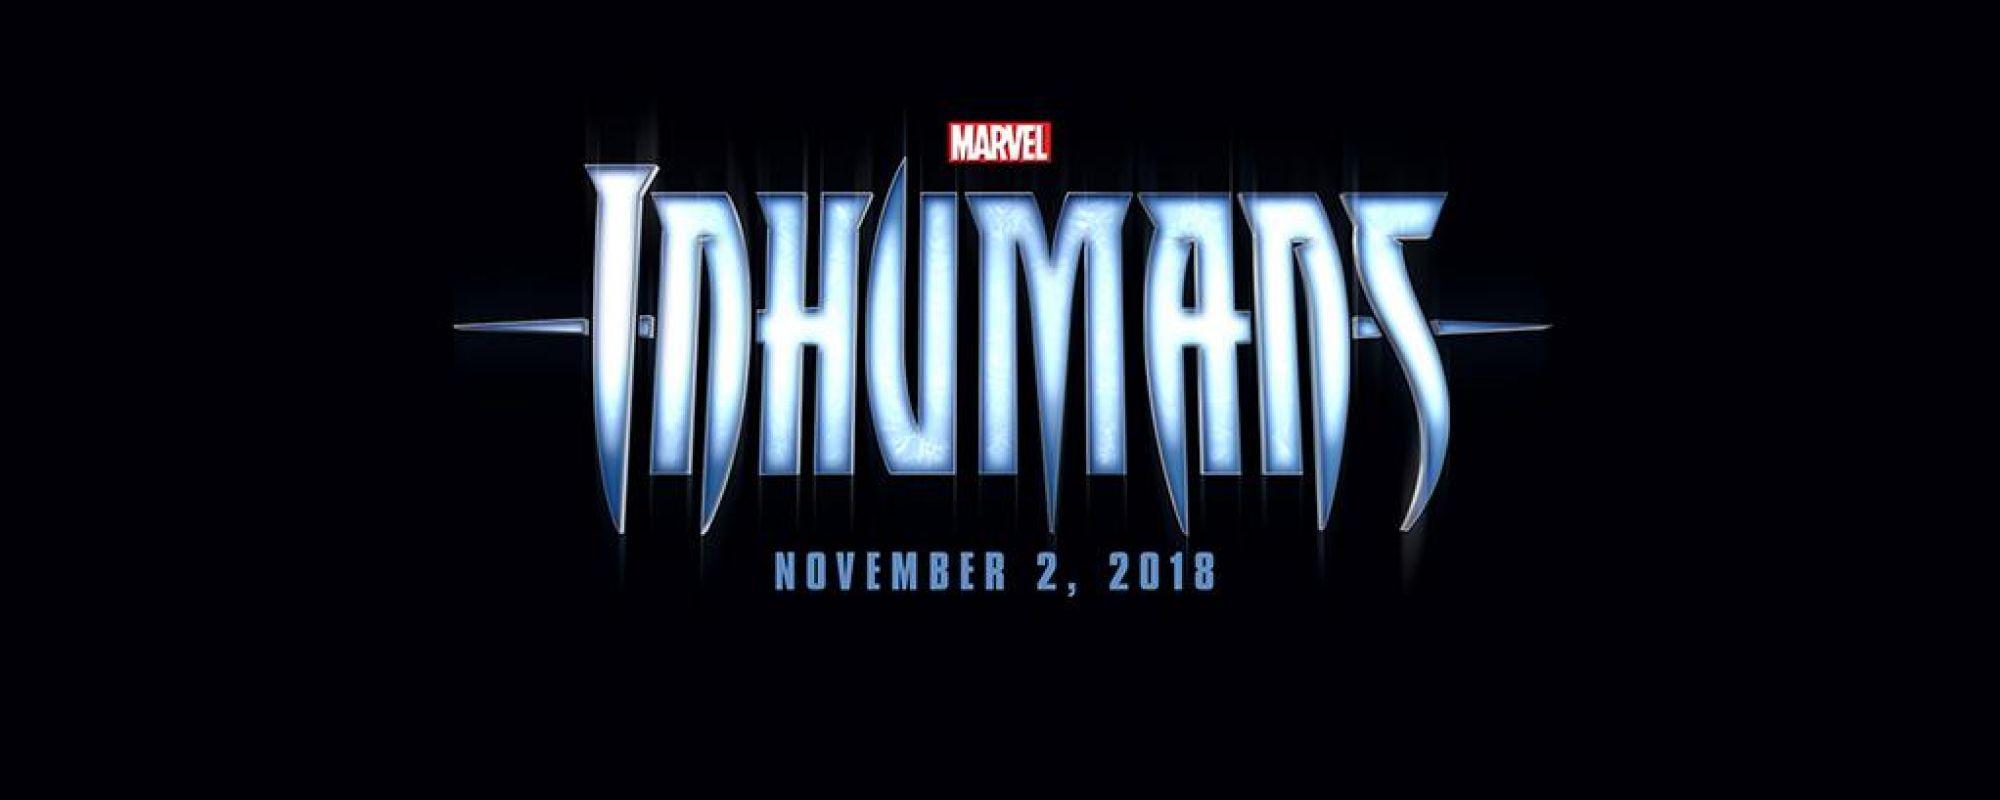 inhumans-1414521562